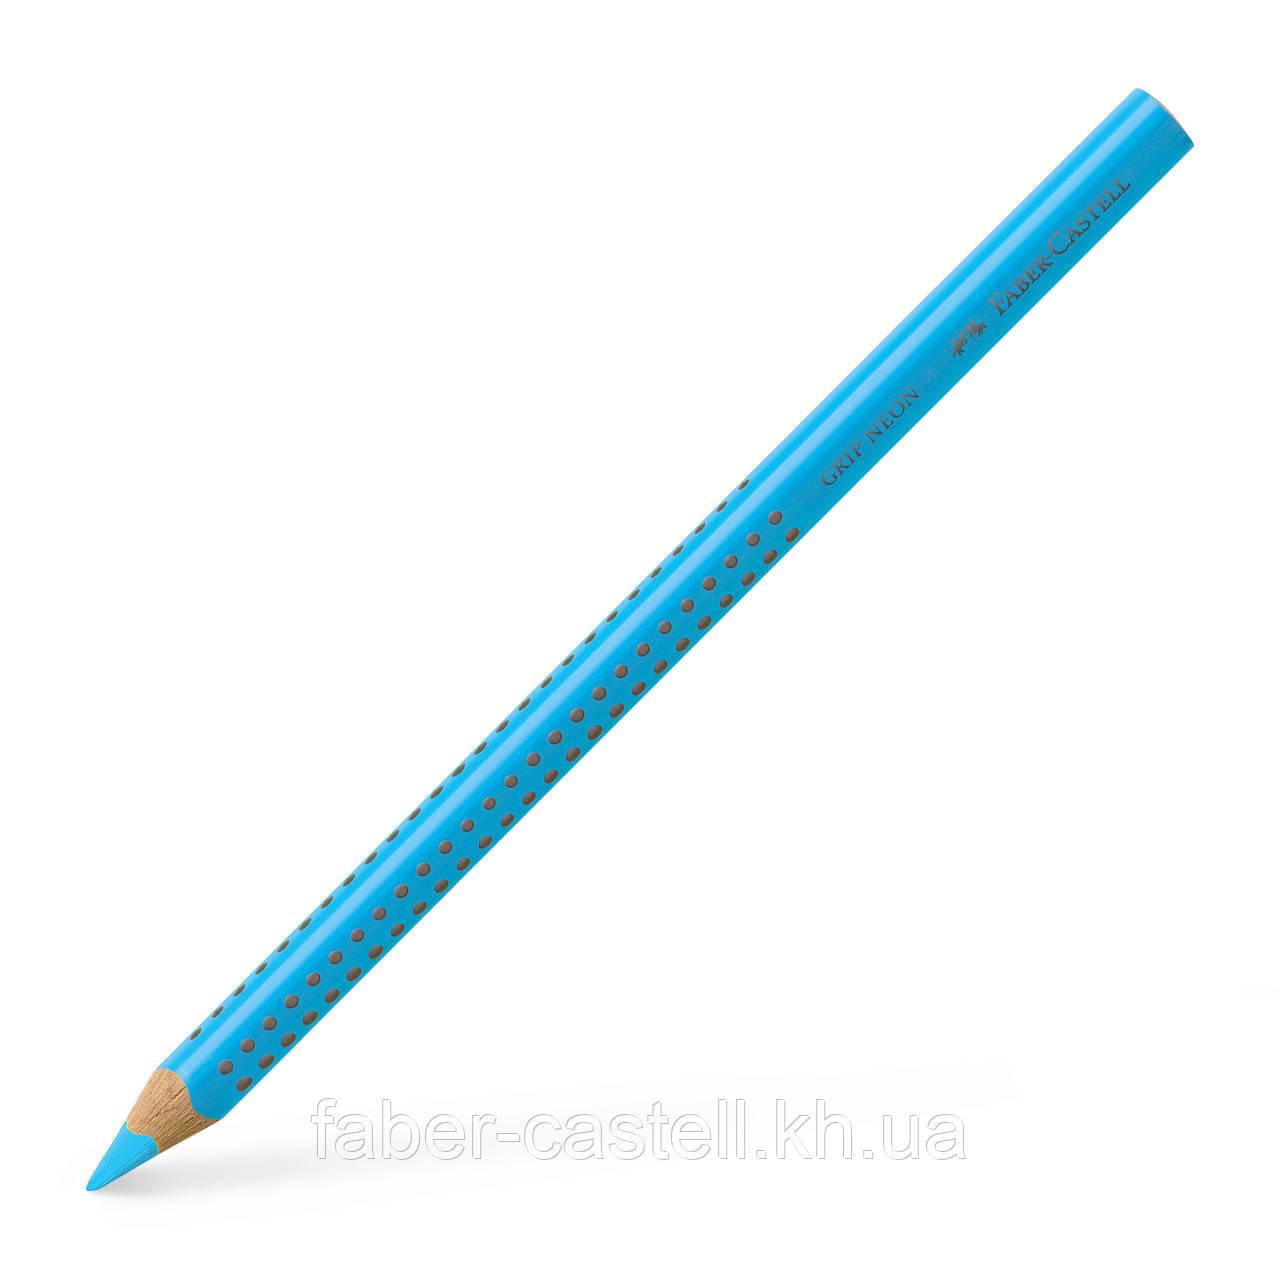 Маркер-карандаш текстовыделитель Faber-Castell Jumbo Grip Neon голубой, сухой трехгранный, 114851